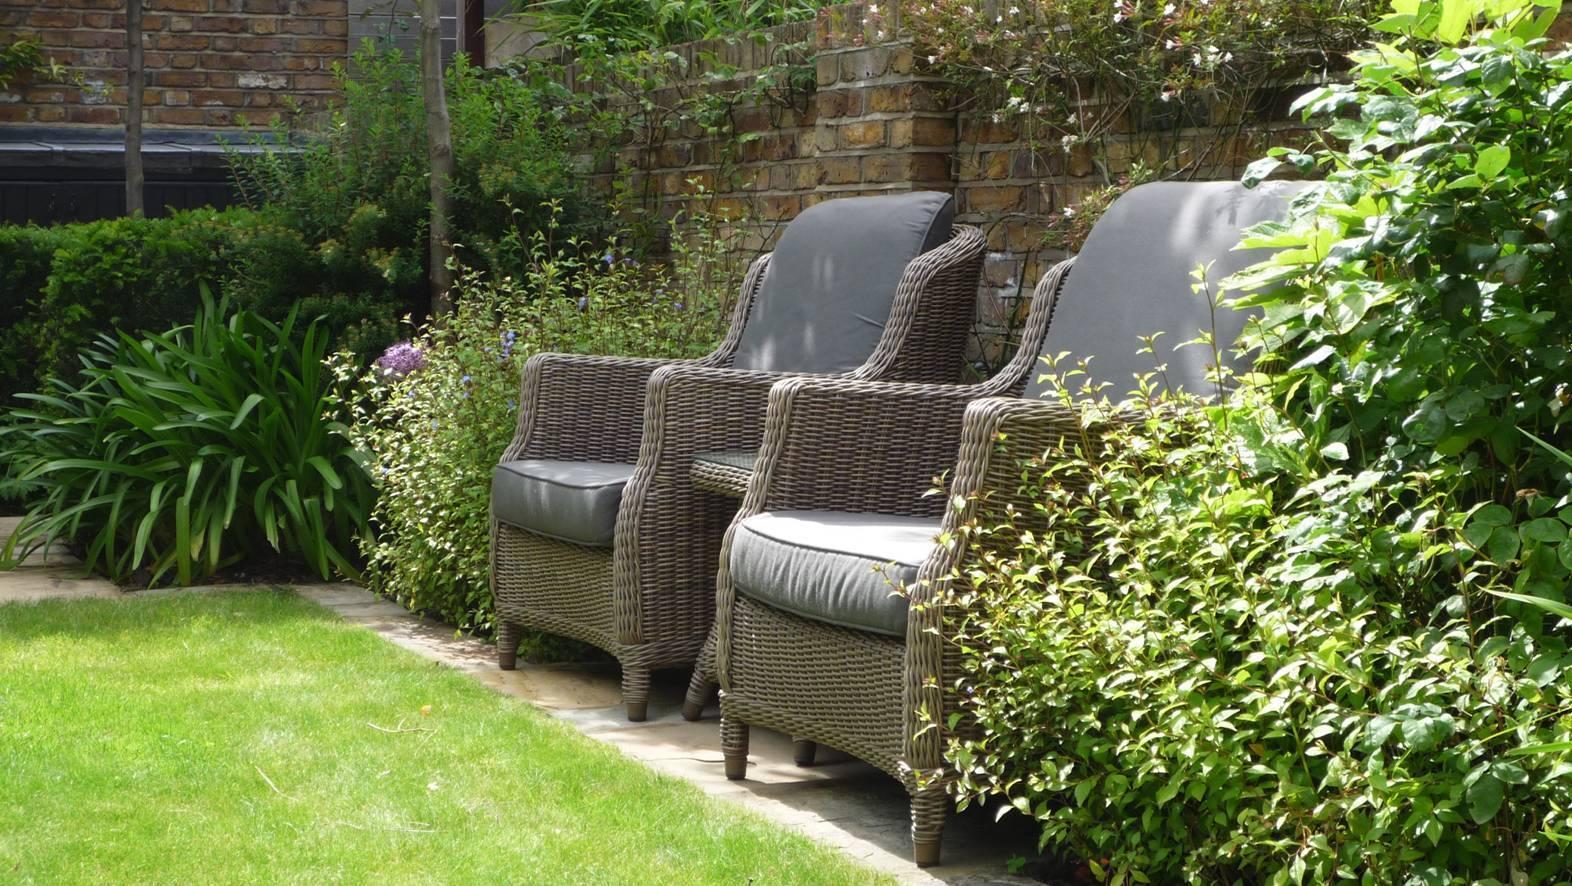 Удобная садовая мебель поможет отдохнуть после работы